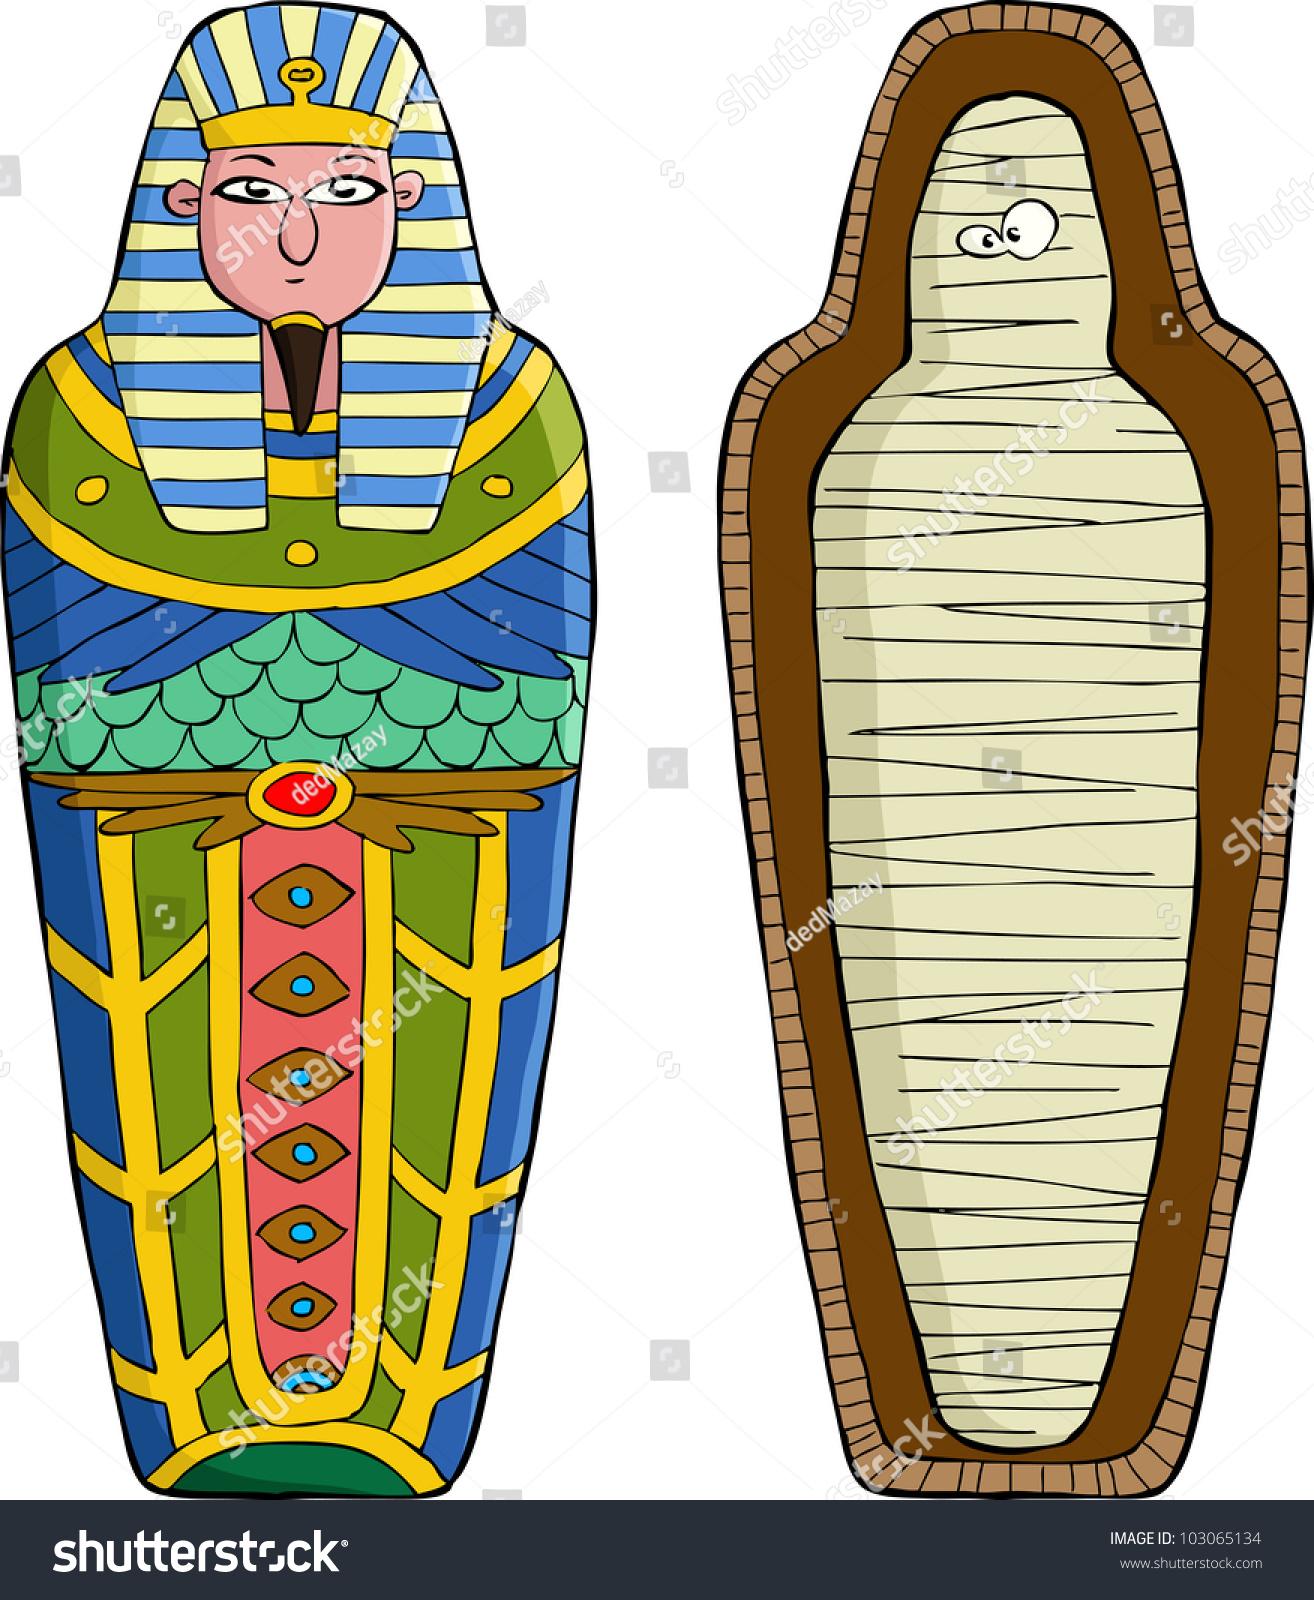 Design a Sarcophagus